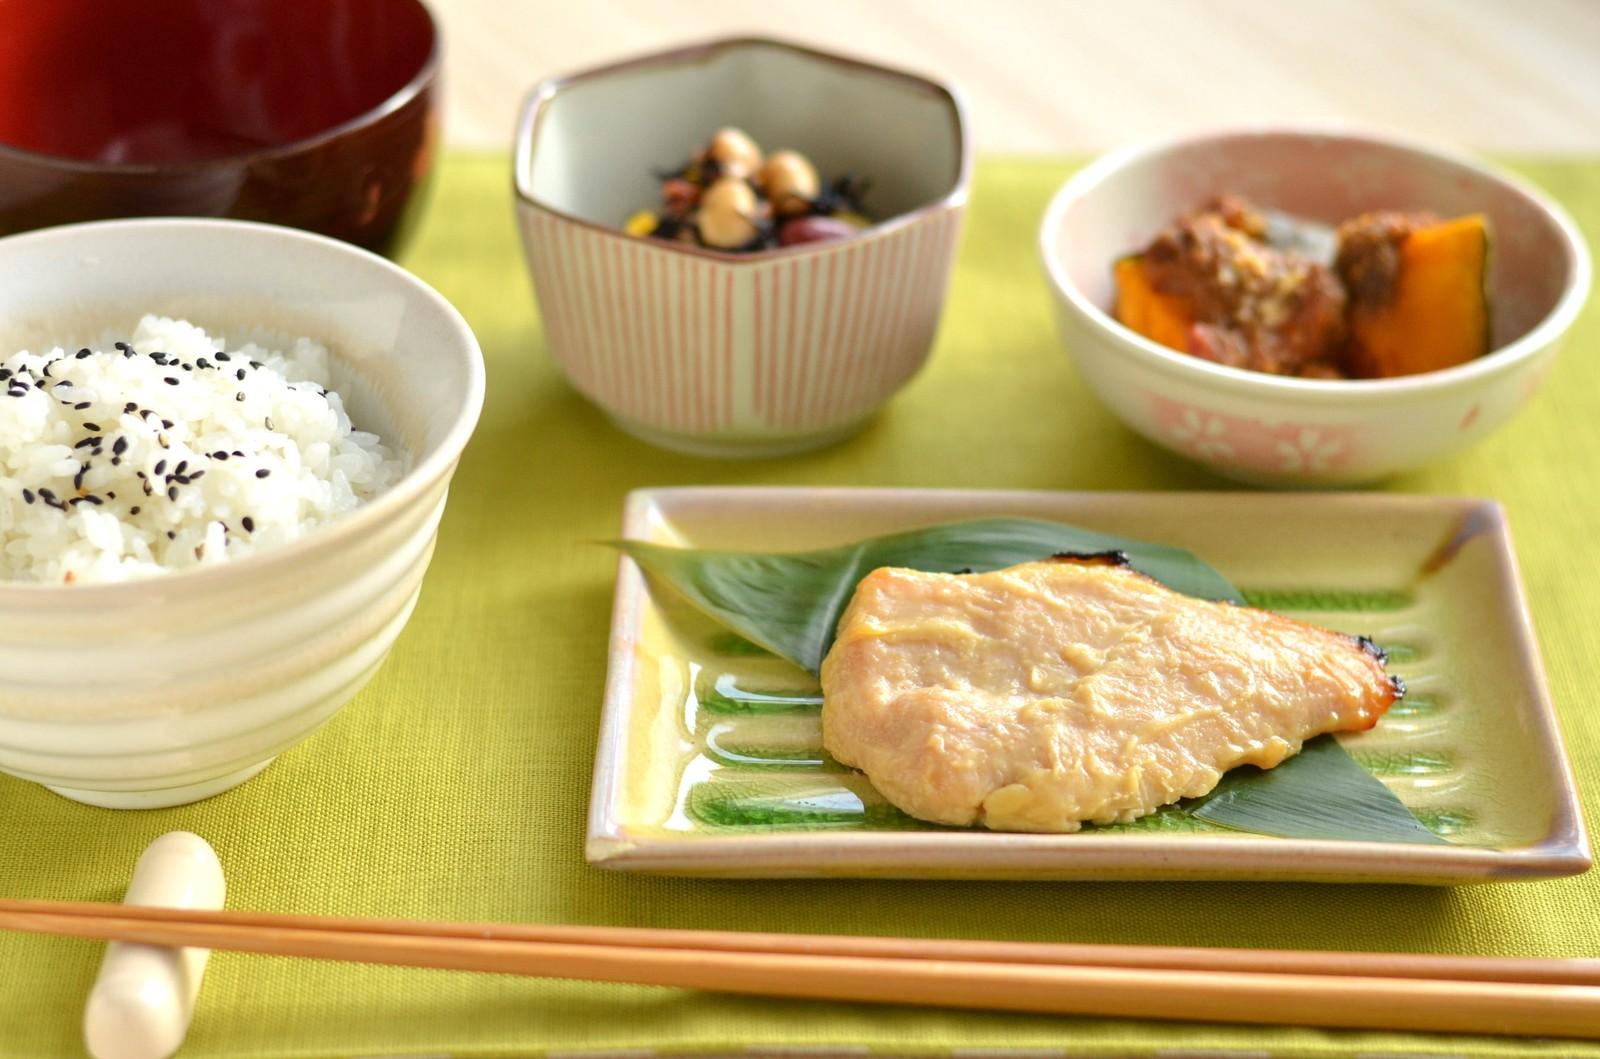 水戸の名物特集!人気のお菓子や郷土料理などおすすめグルメが満載!